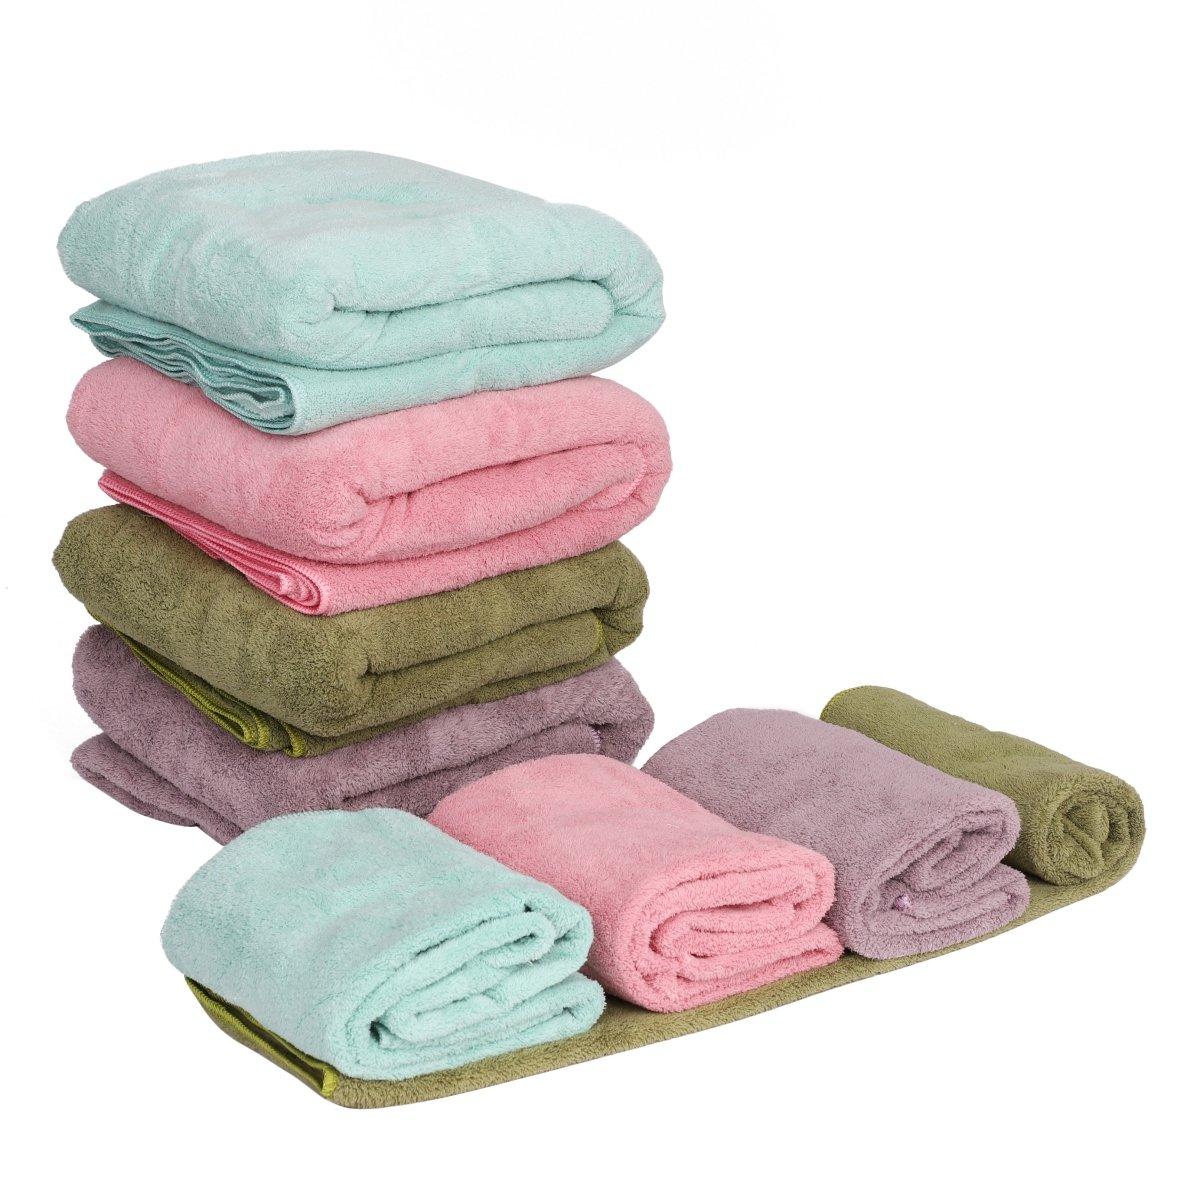 LONTG Toalla de baño (terciopelo de coral - Juego de 1 toalla 34 * 85 cm y 1 toallas de baño y playa 75 * 150 cm dulce confortable piscina gimnasio, Rose, ...